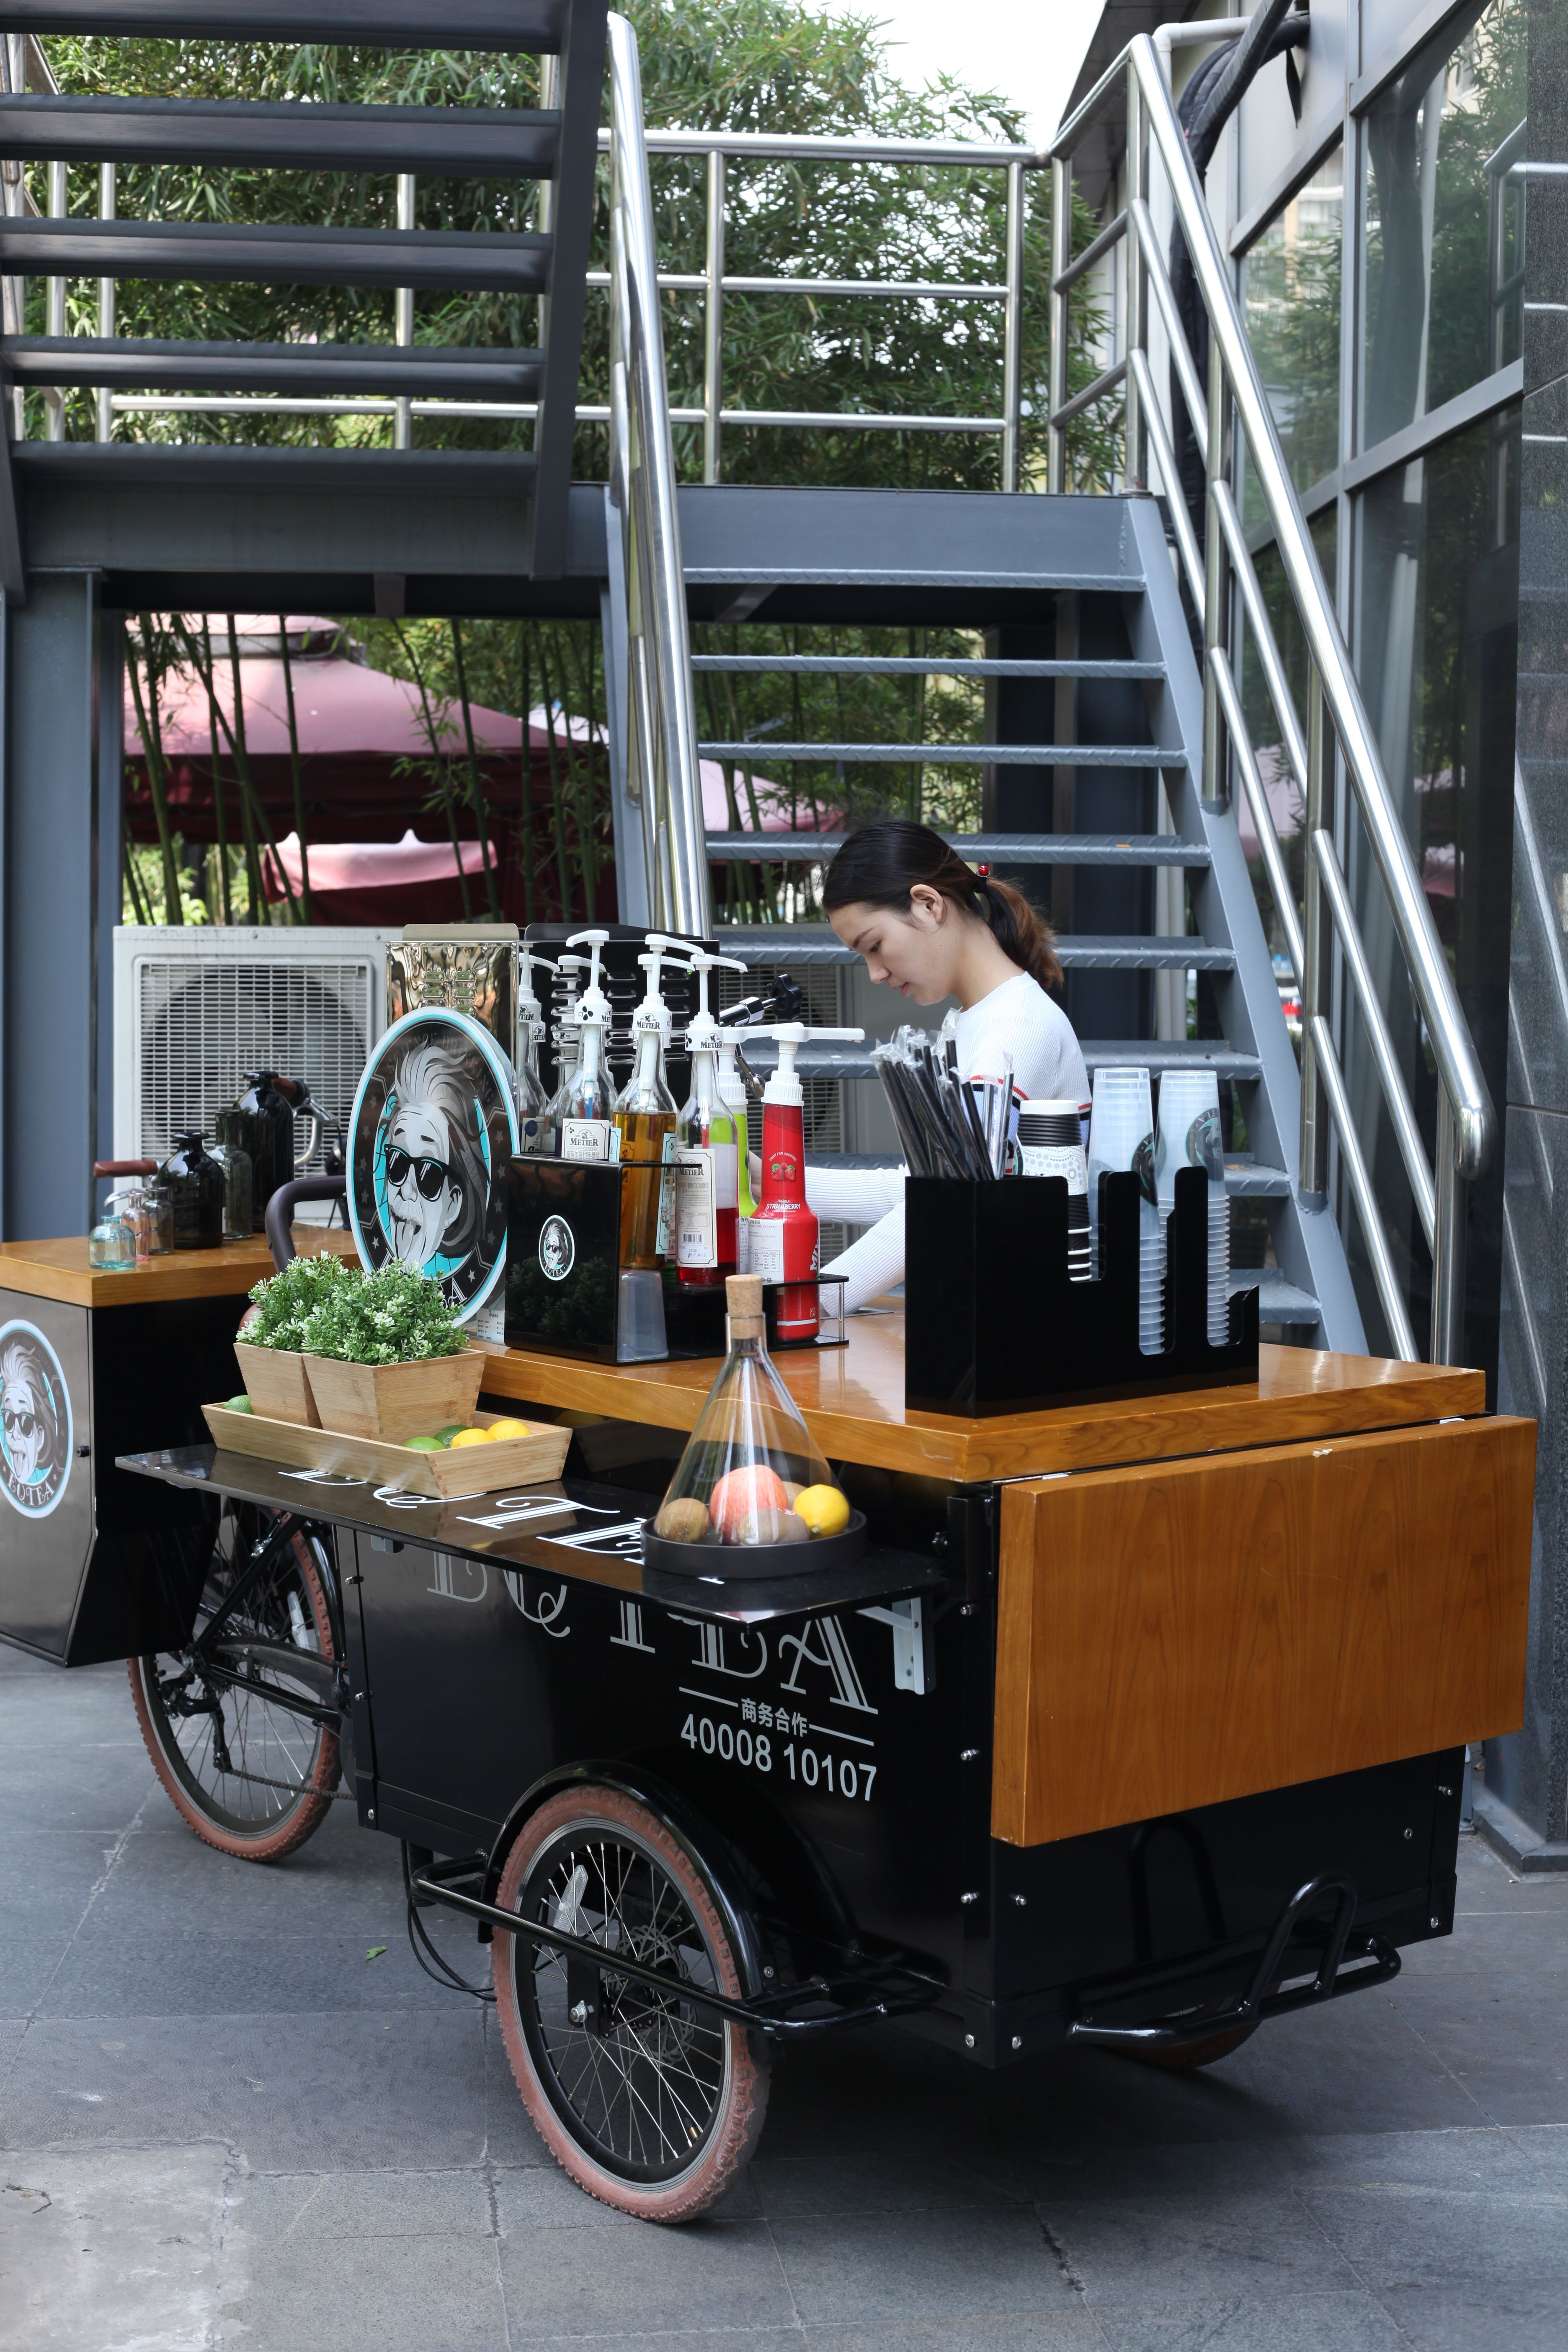 Food Tricycle Foodbike Vendingcarts For Sale Foodbike